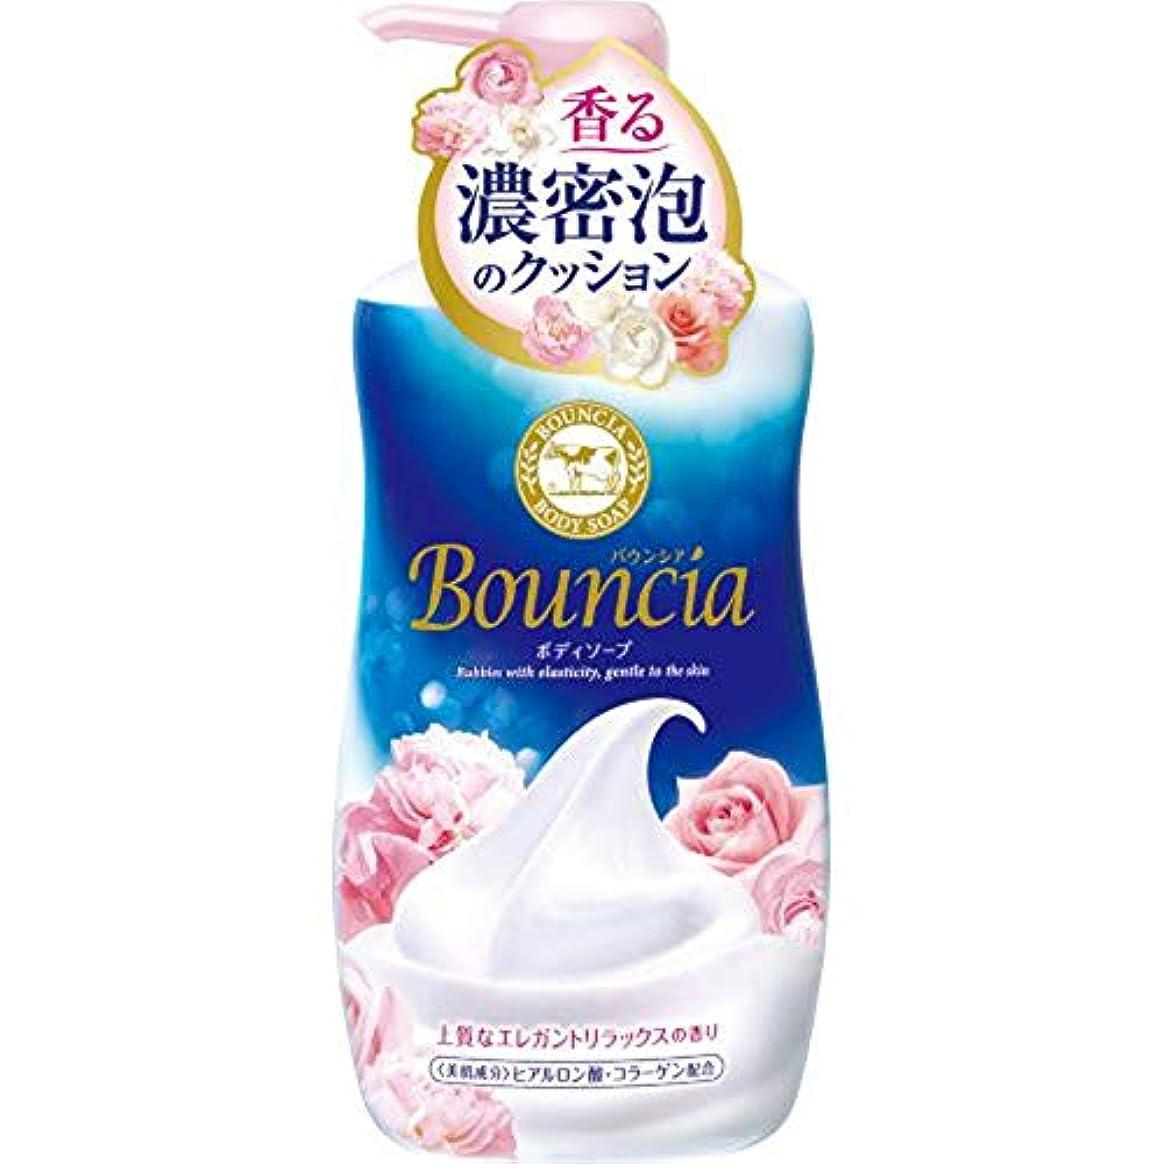 論文教育する吸収剤バウンシア ボディソープ エレガントリラックスの香り ポンプ 550mL